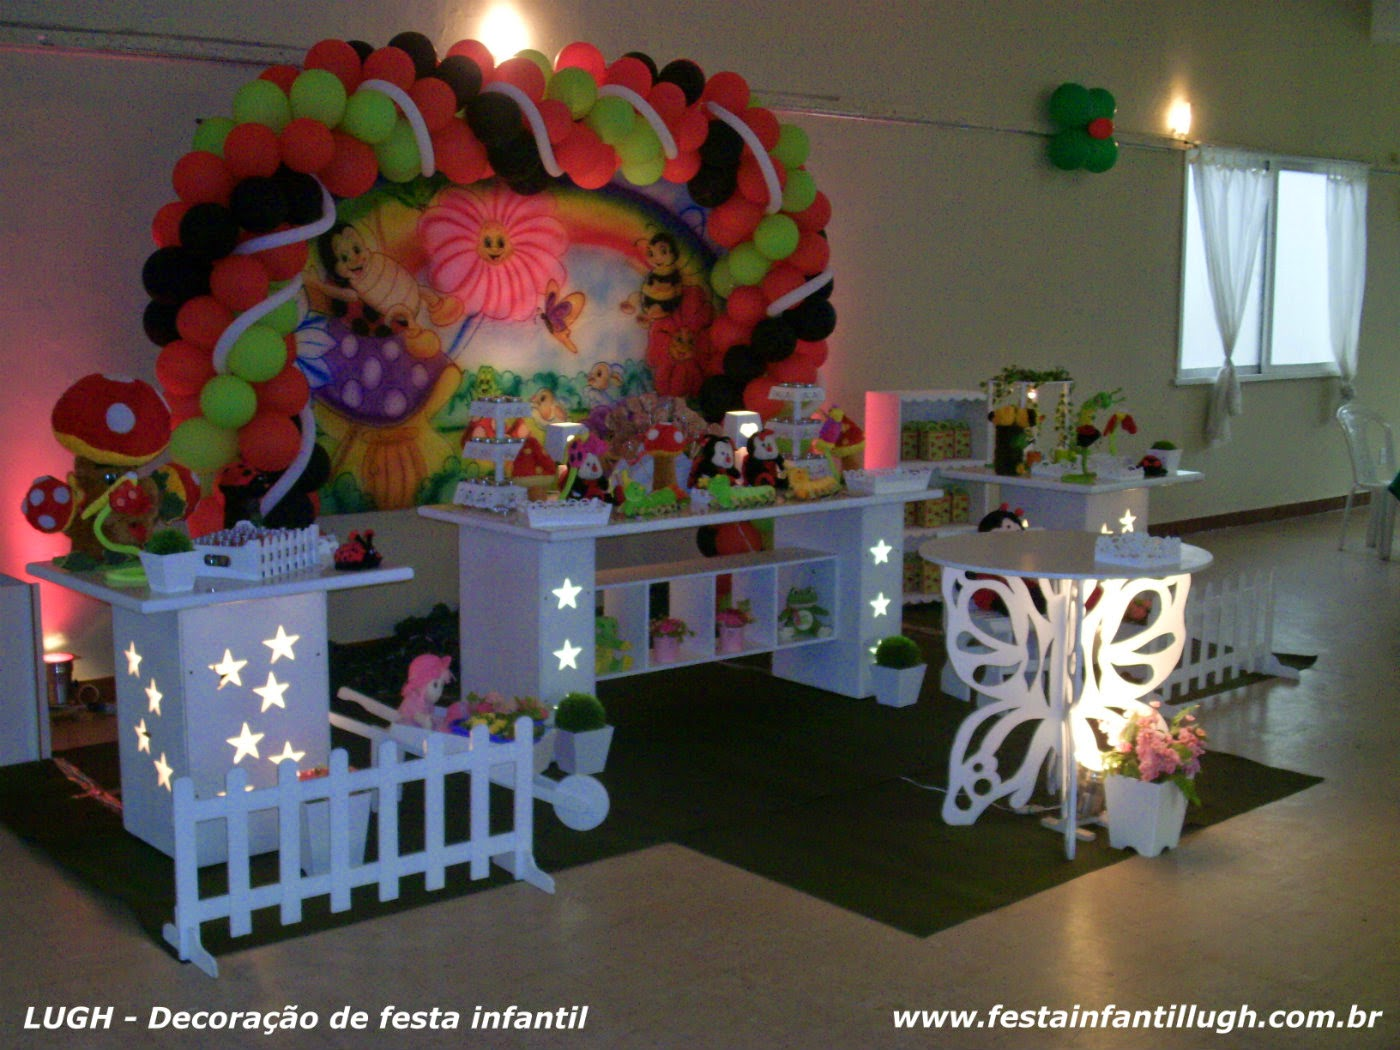 Decoração de aniversário em mesa provençal com tema infantil